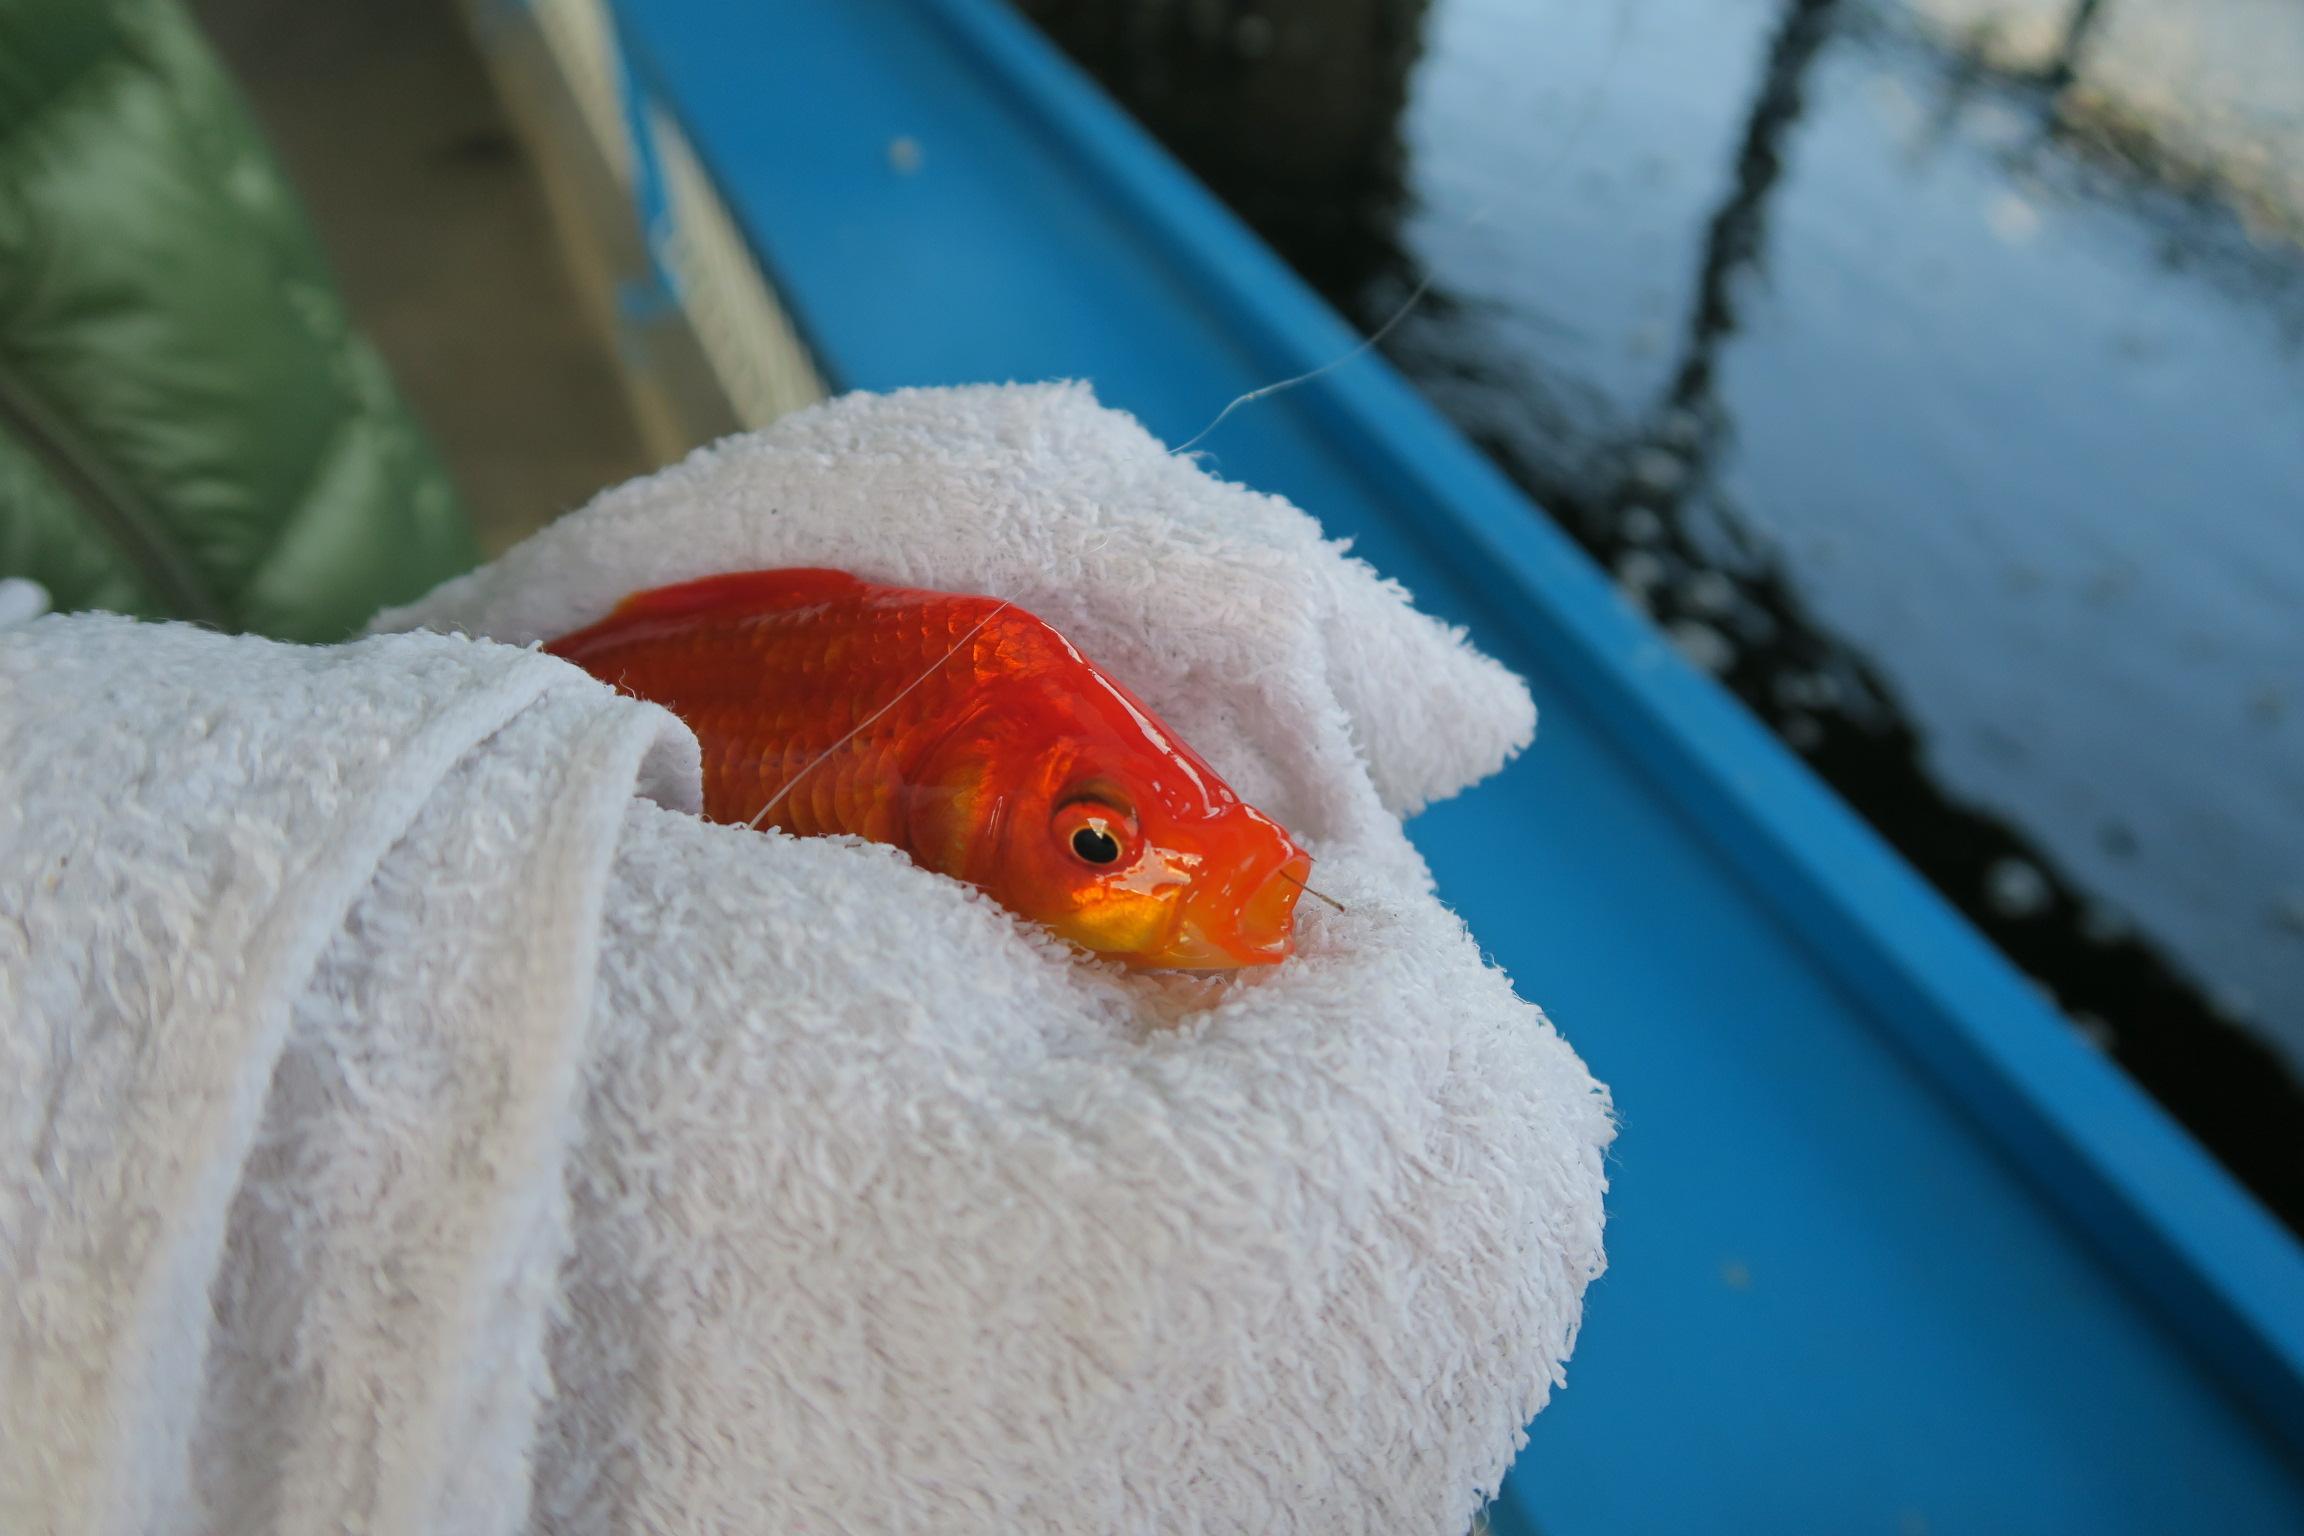 釣れたら濡れた布巾に包んで針を取ります。ちょうど口にひっかかってますね。